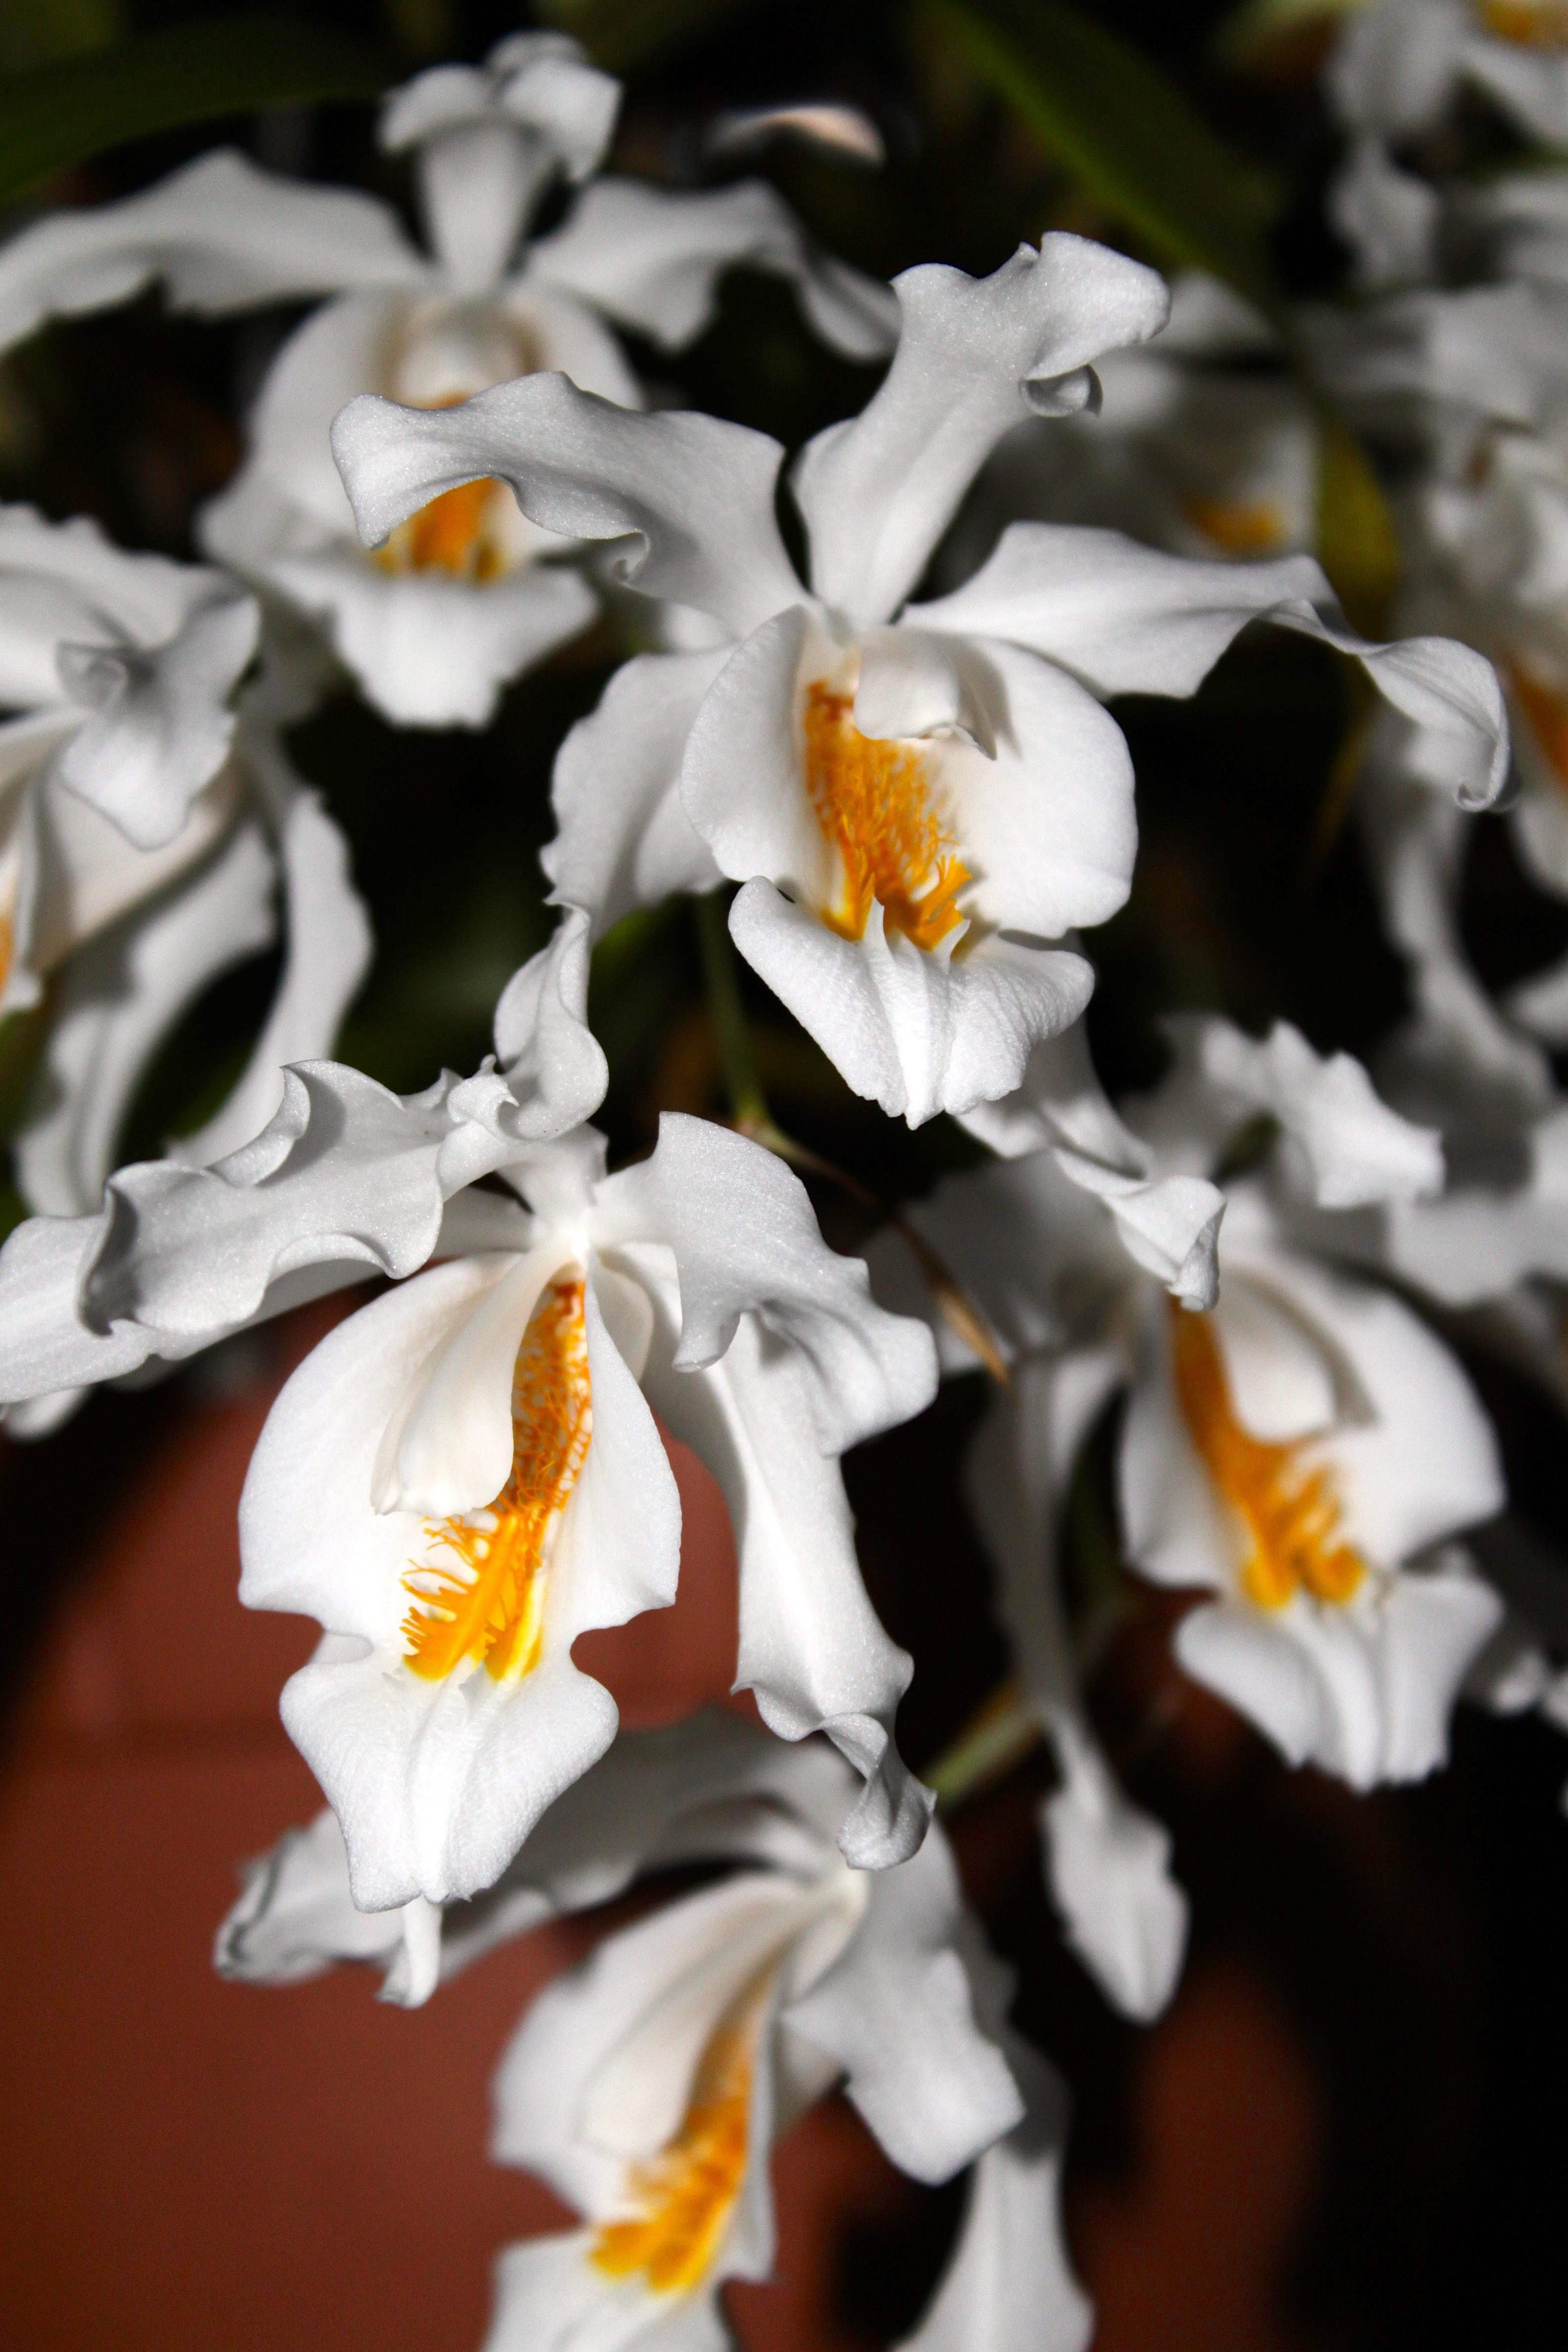 roland schettler seite 5 roland 39 s orchideen blog. Black Bedroom Furniture Sets. Home Design Ideas